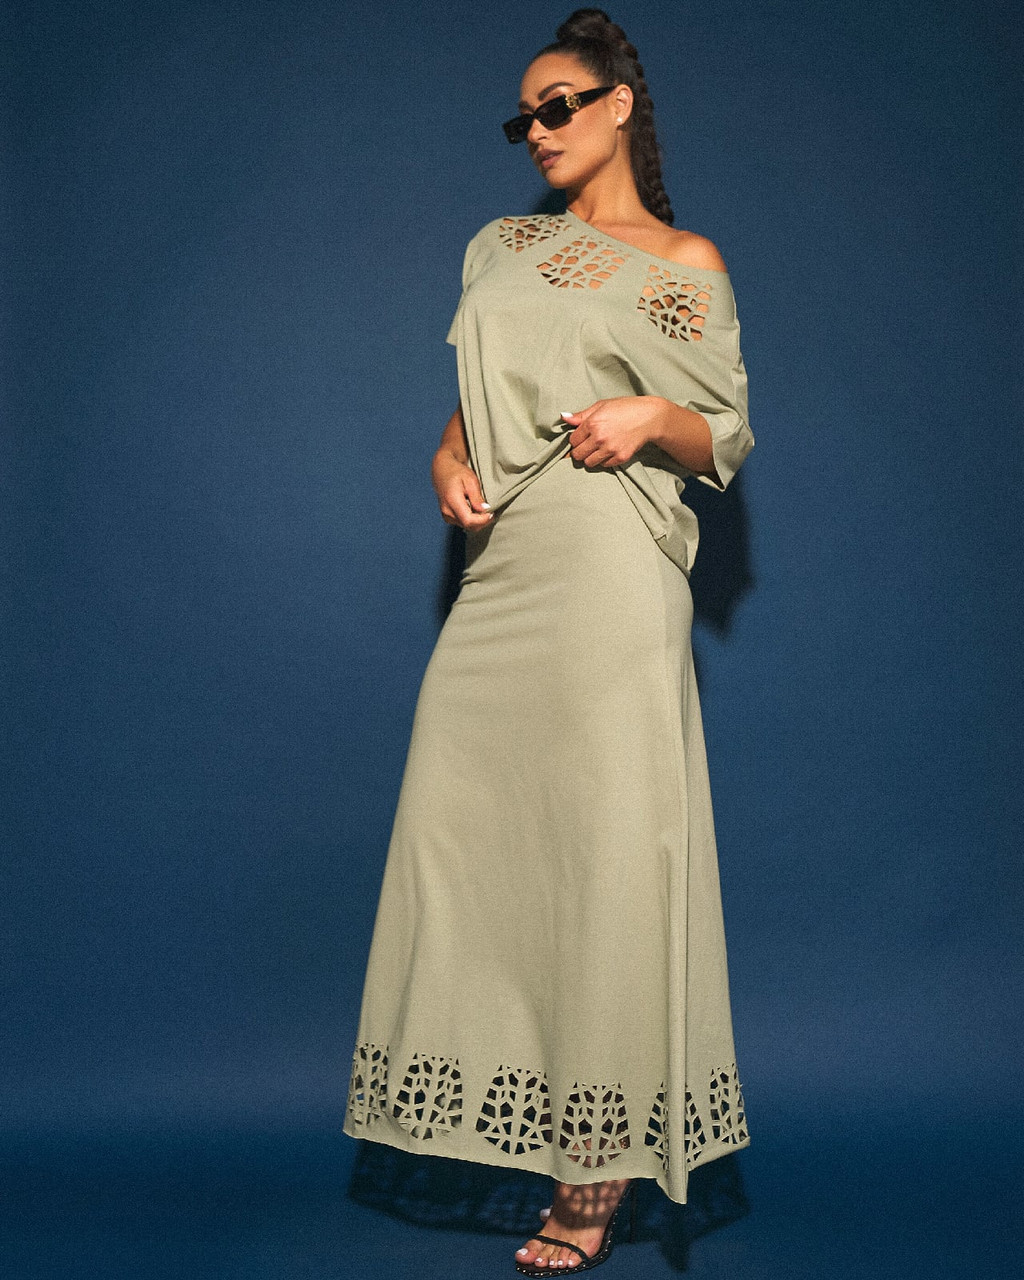 Літній трикотажний жіночий костюм двійка з перфорацією: футболка і довга спідниця максі, батал великі розміри